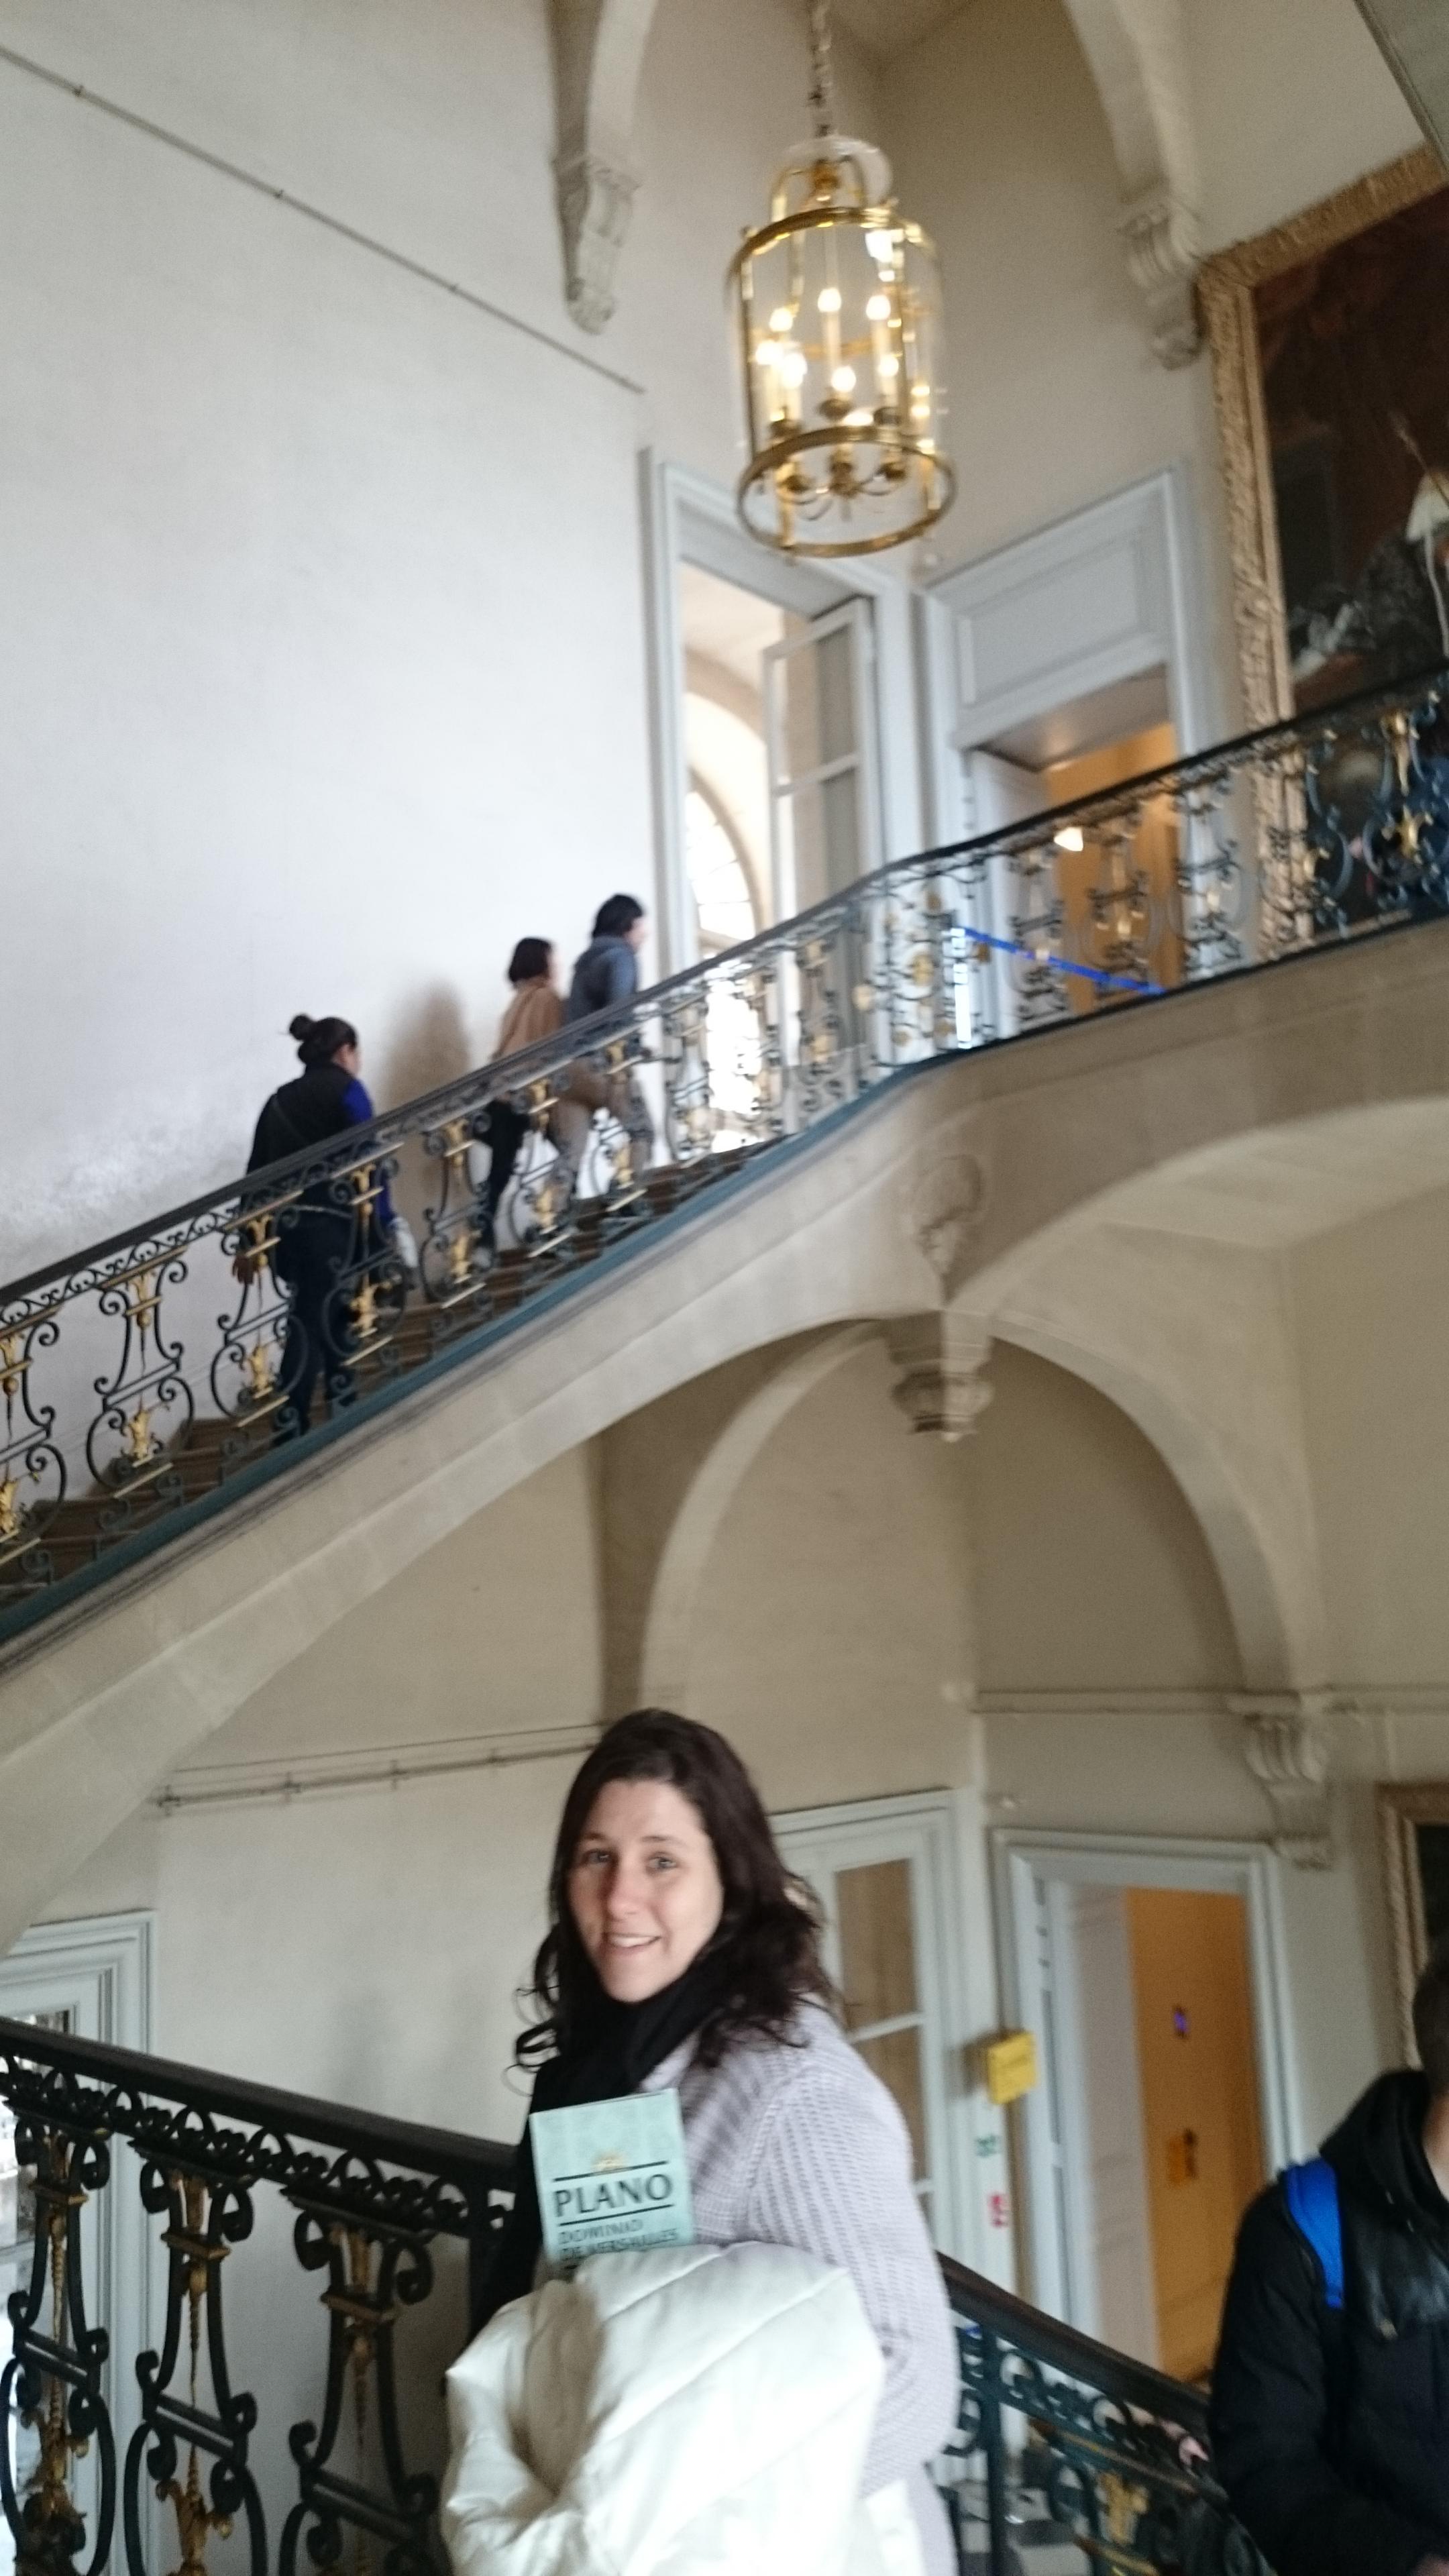 dsc 13201 - Visita al Palacio de Versalles: Como ir, cuanto cuesta y tips III/III